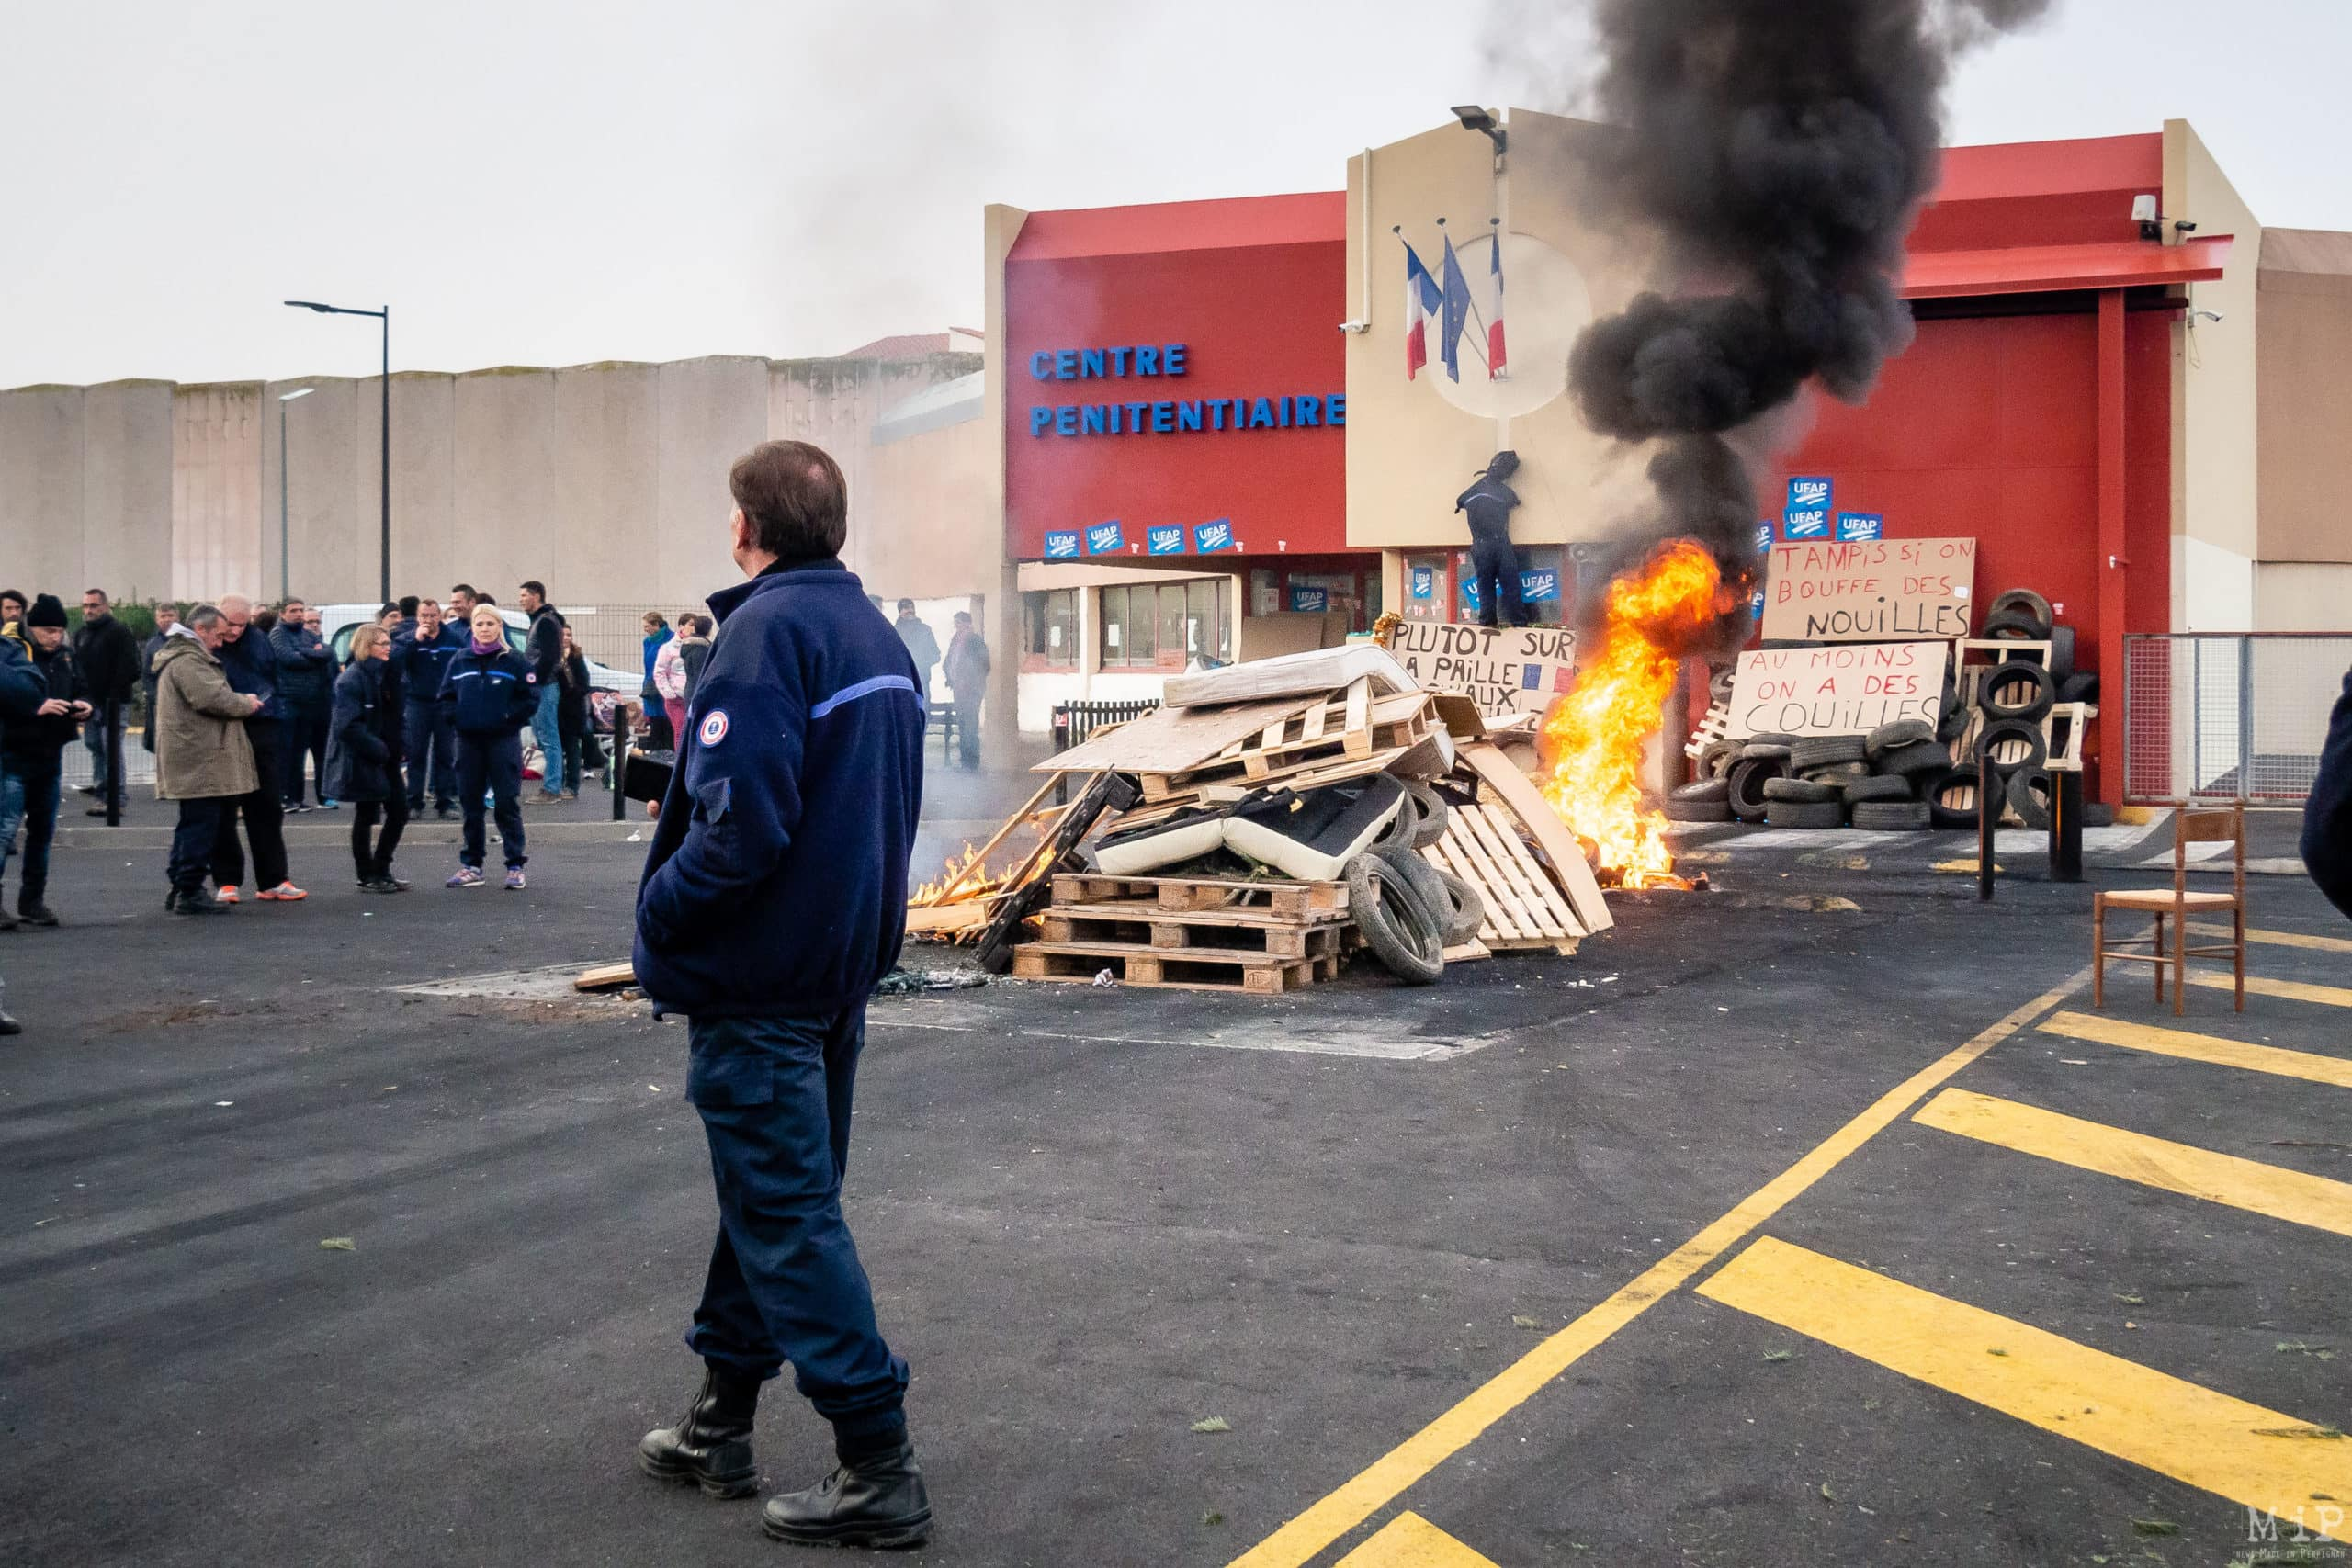 ARCHIVES Perpignan, France 25-01-2018 Manifestation personnels pénitentiaires Centre Prison Perpignan © Arnaud Le Vu - MiP - APM